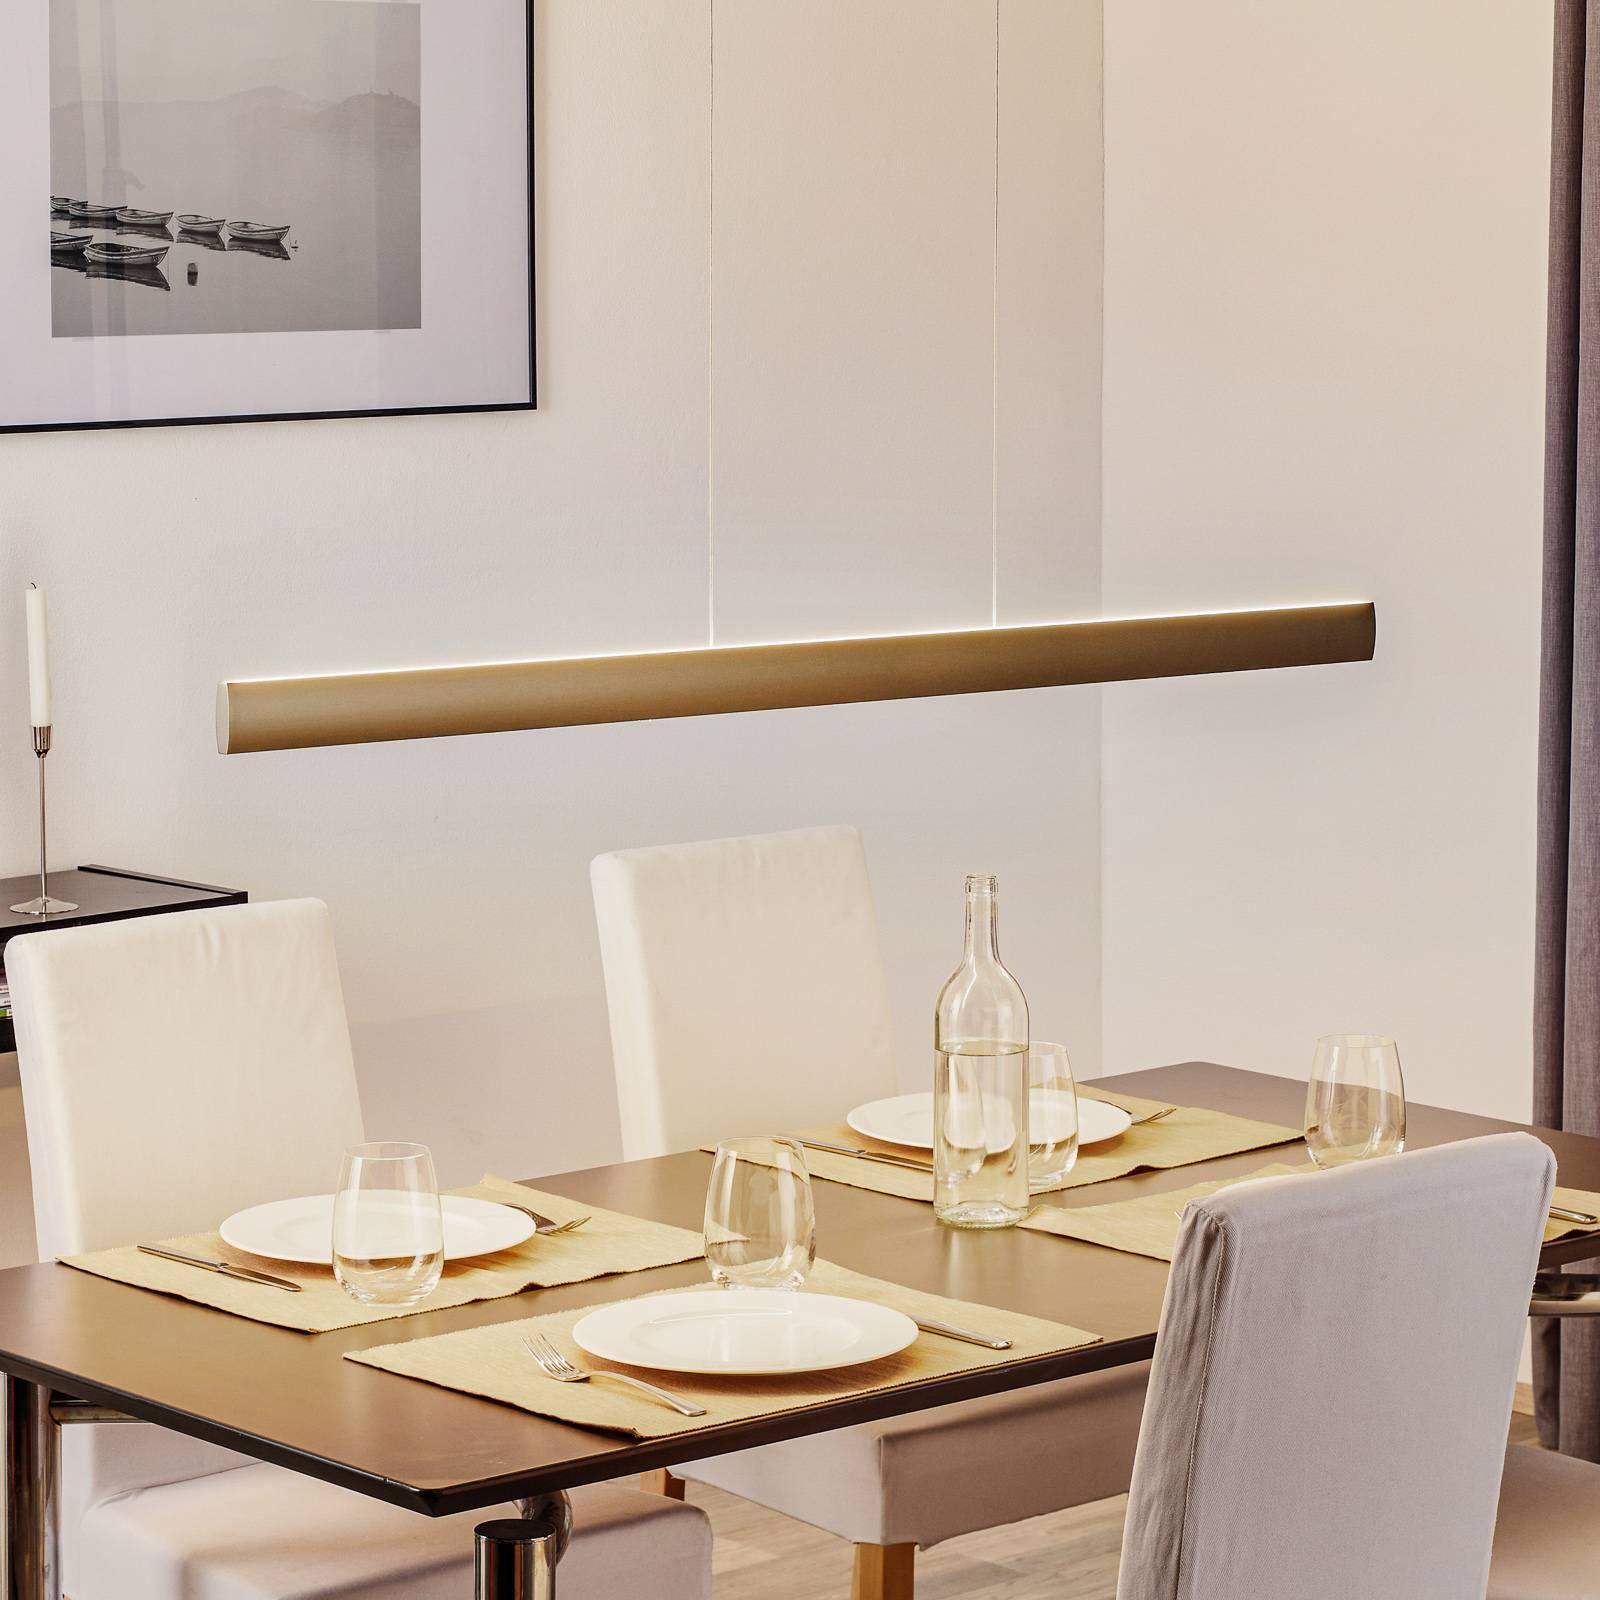 LED-riippuvalaisin Runa, pronssi, pituus 132 cm